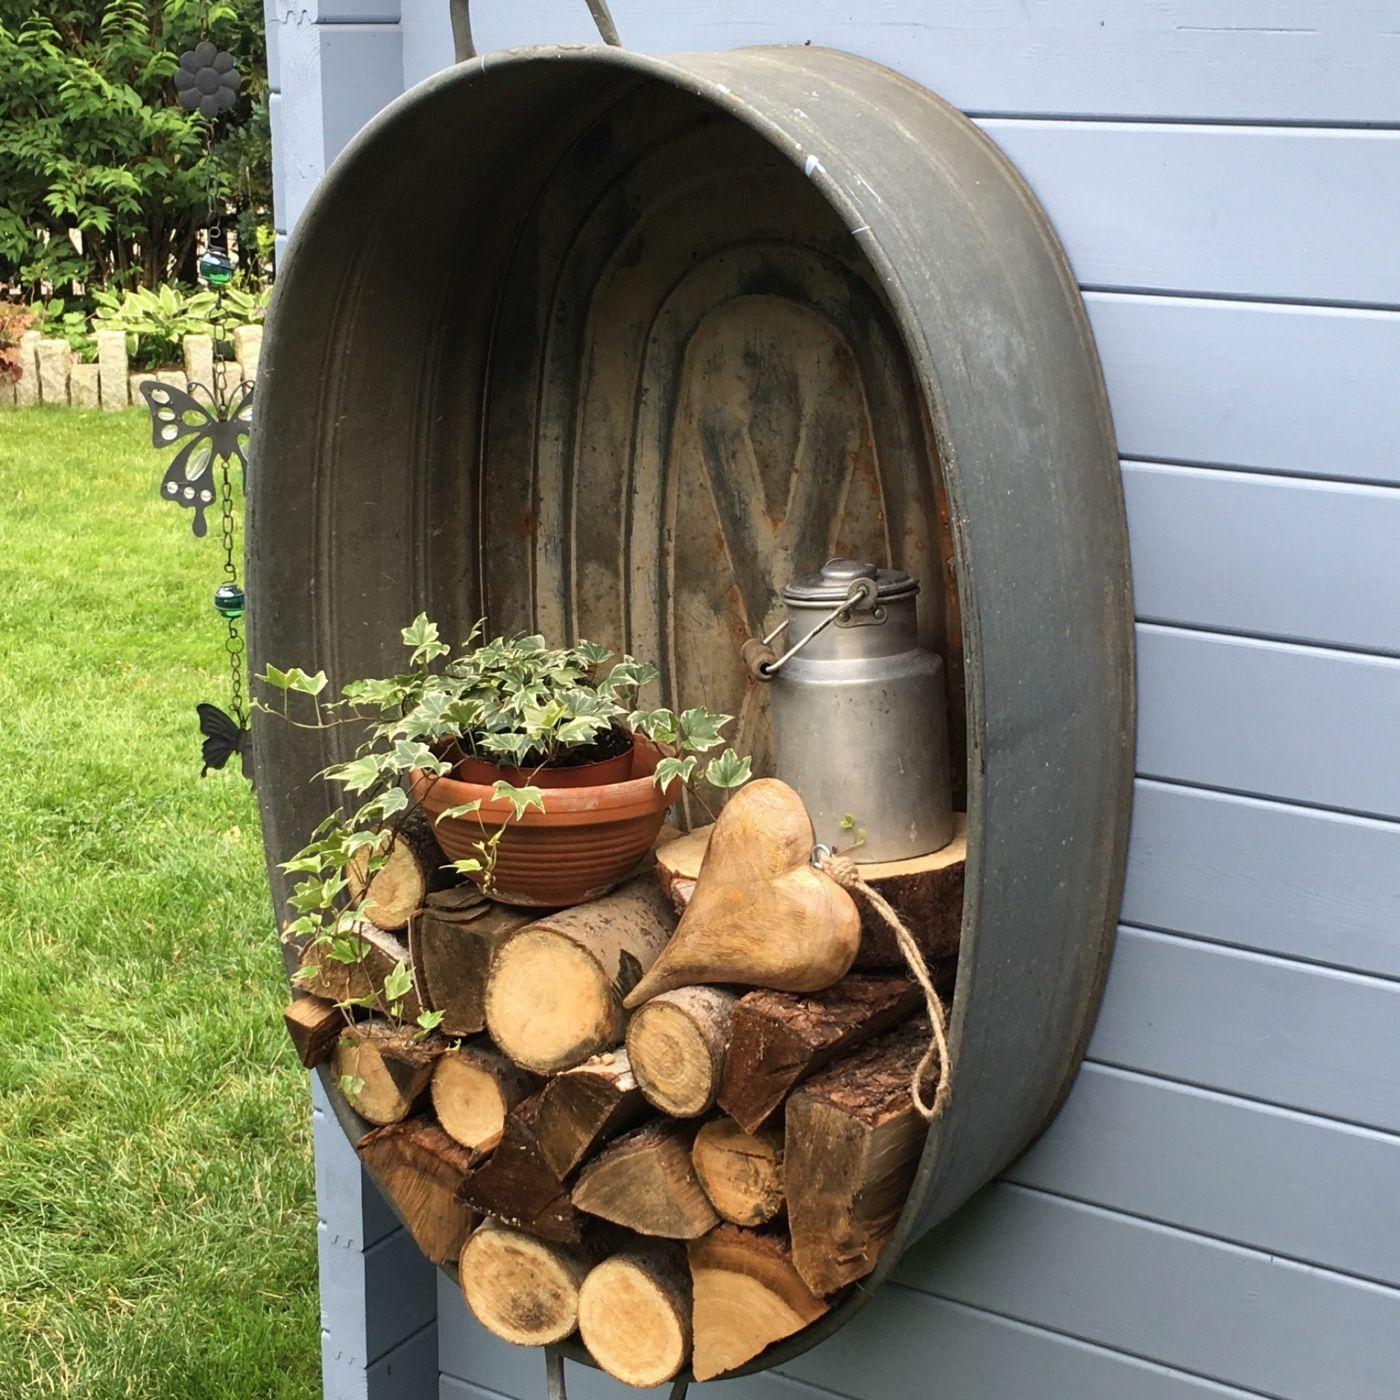 Ideen Für Einen Schönen Garten Ratgeber: Gartendeko Im Herbst Selber Machen